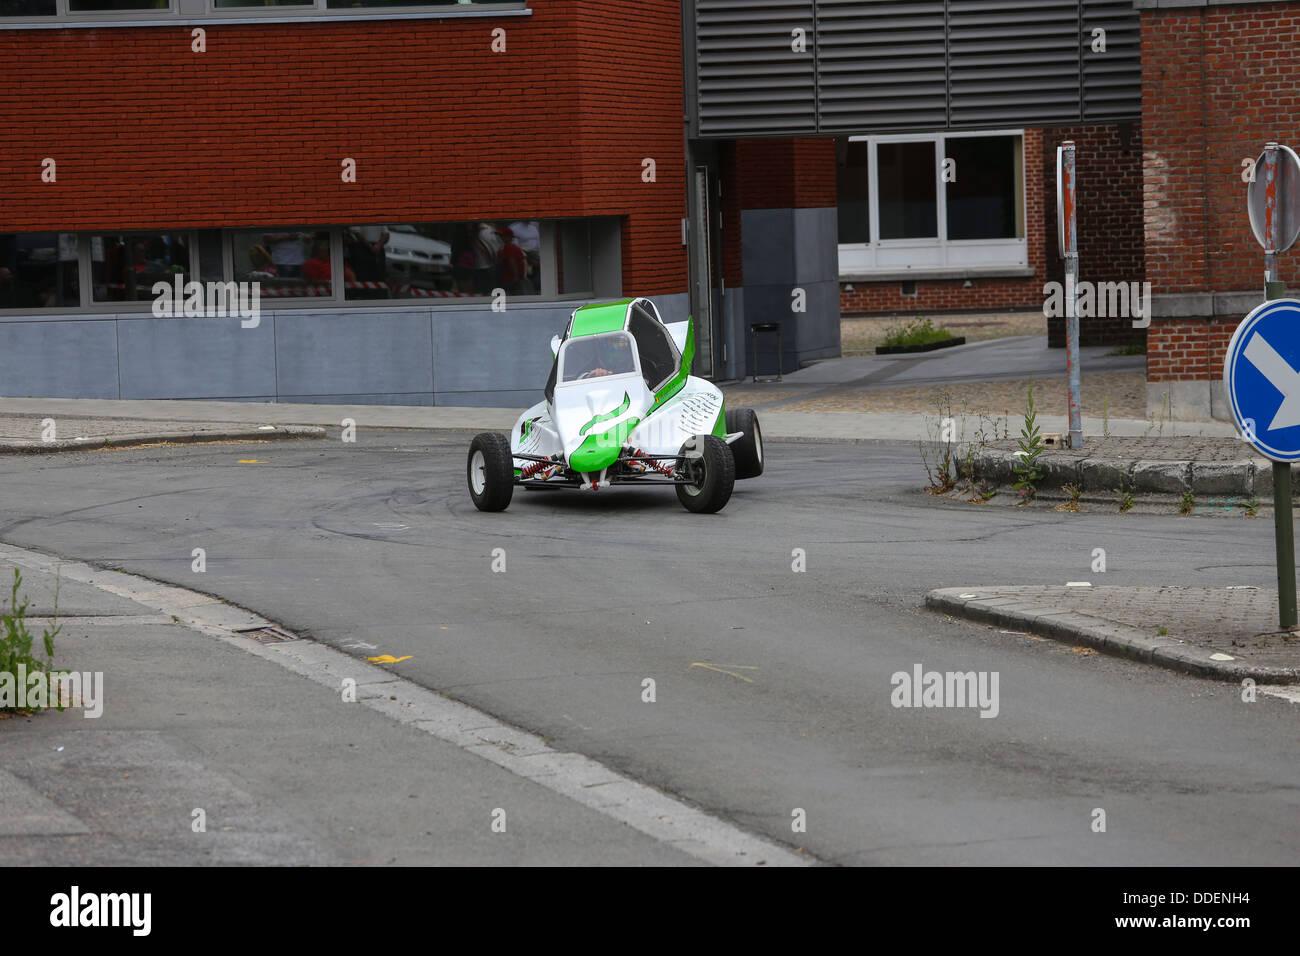 Blanc et vert racing buggy prenant une courbe sur 3 roues sur l'asphalte. L'accent sur la voiture. Banque D'Images